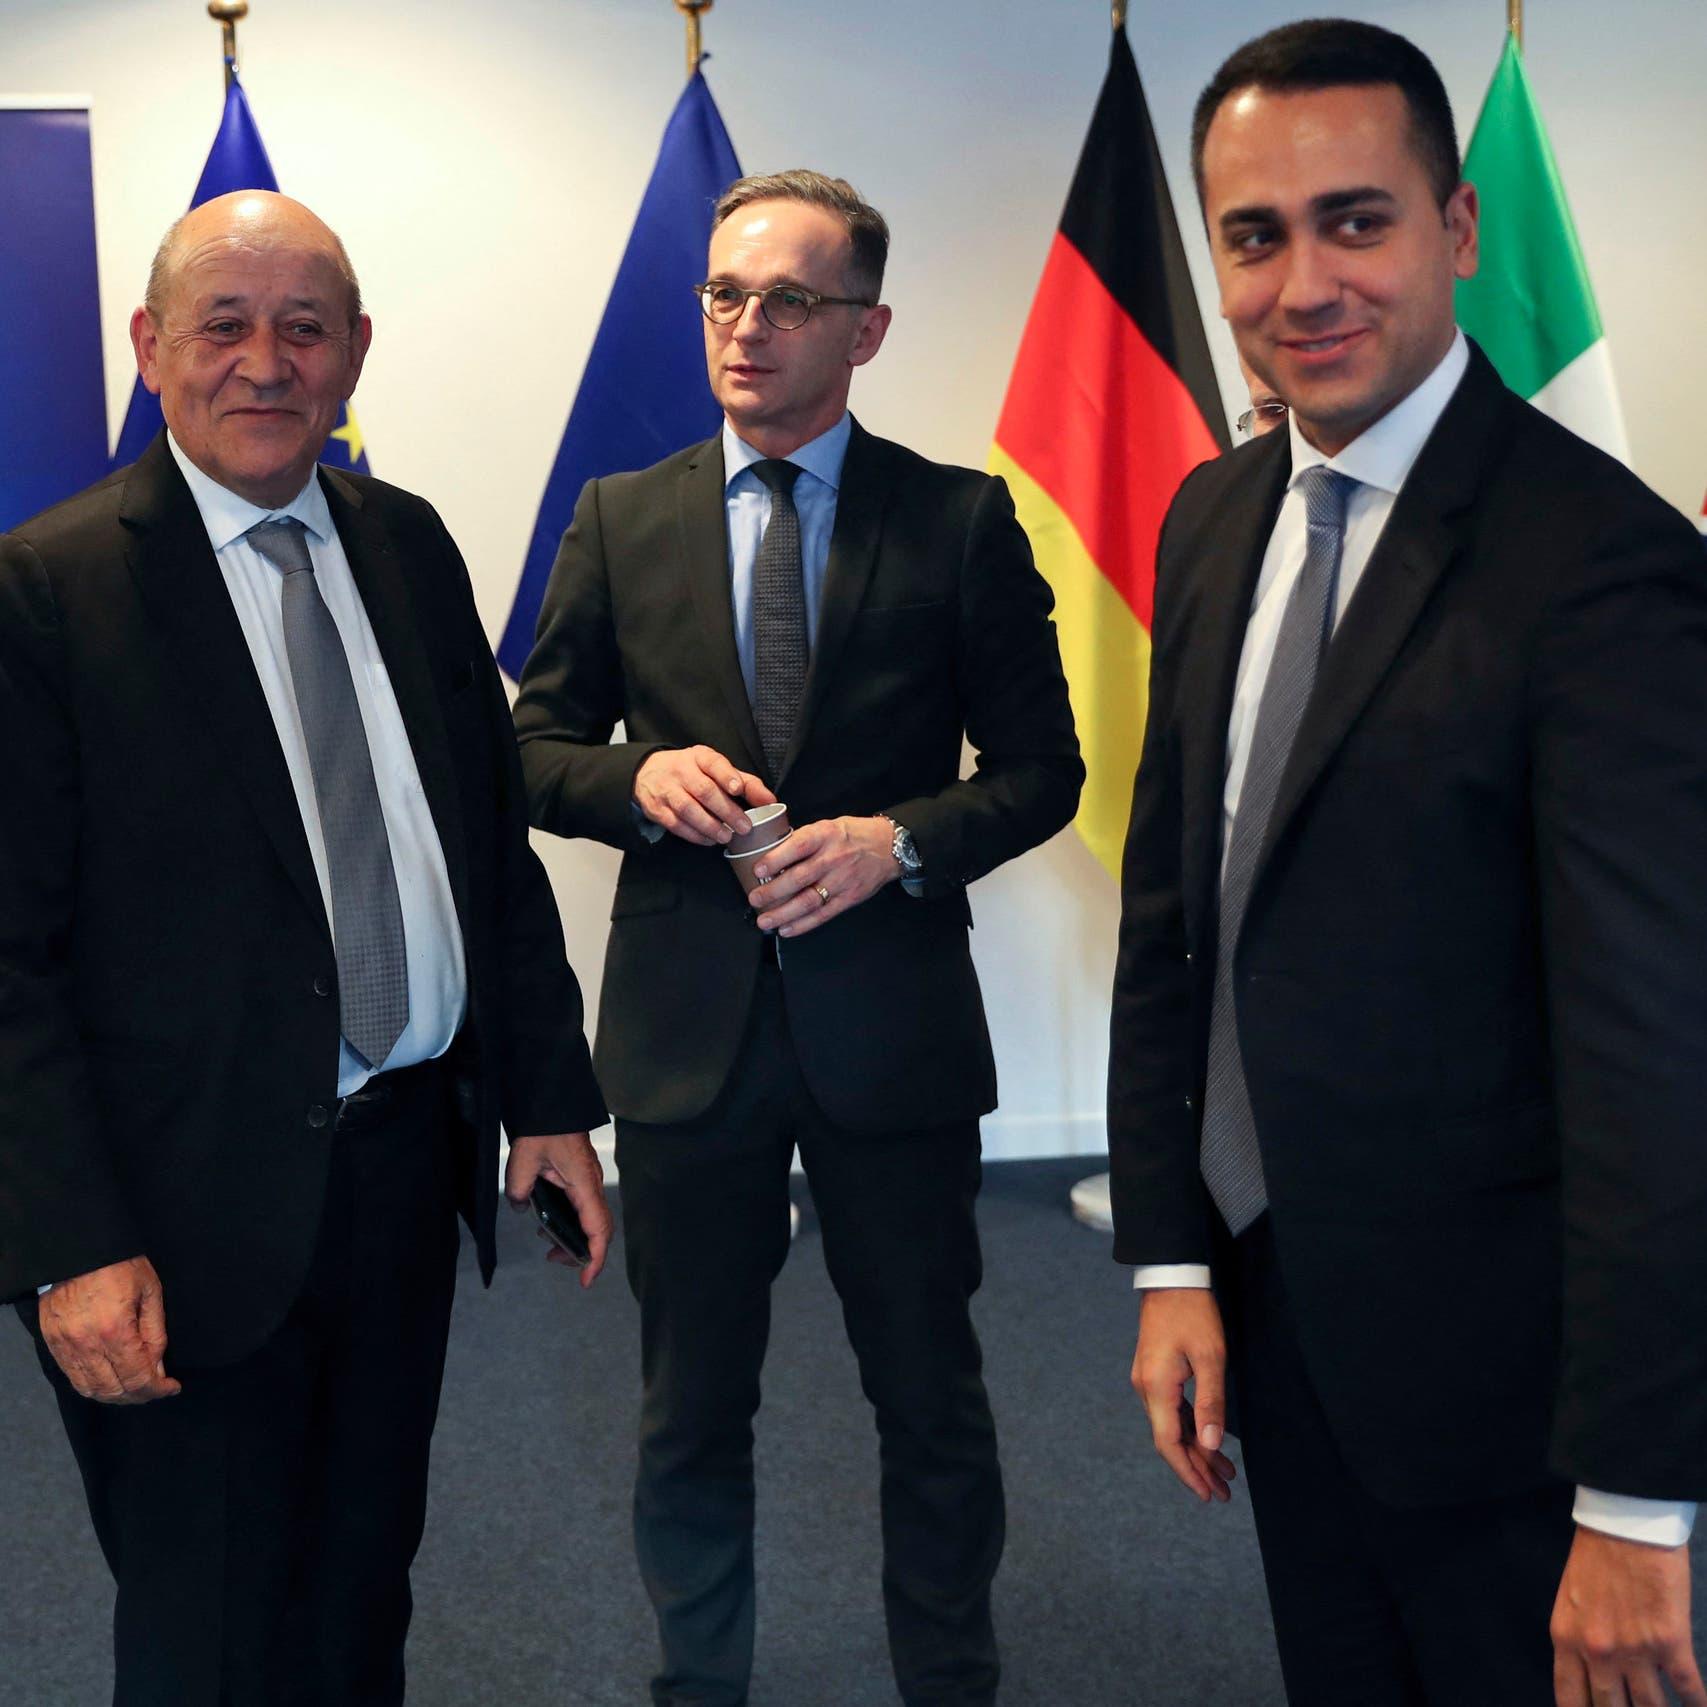 التزام أوروبي ثلاثي بمراقبة وقف إطلاق النار ودعم الاستقرار في ليبيا